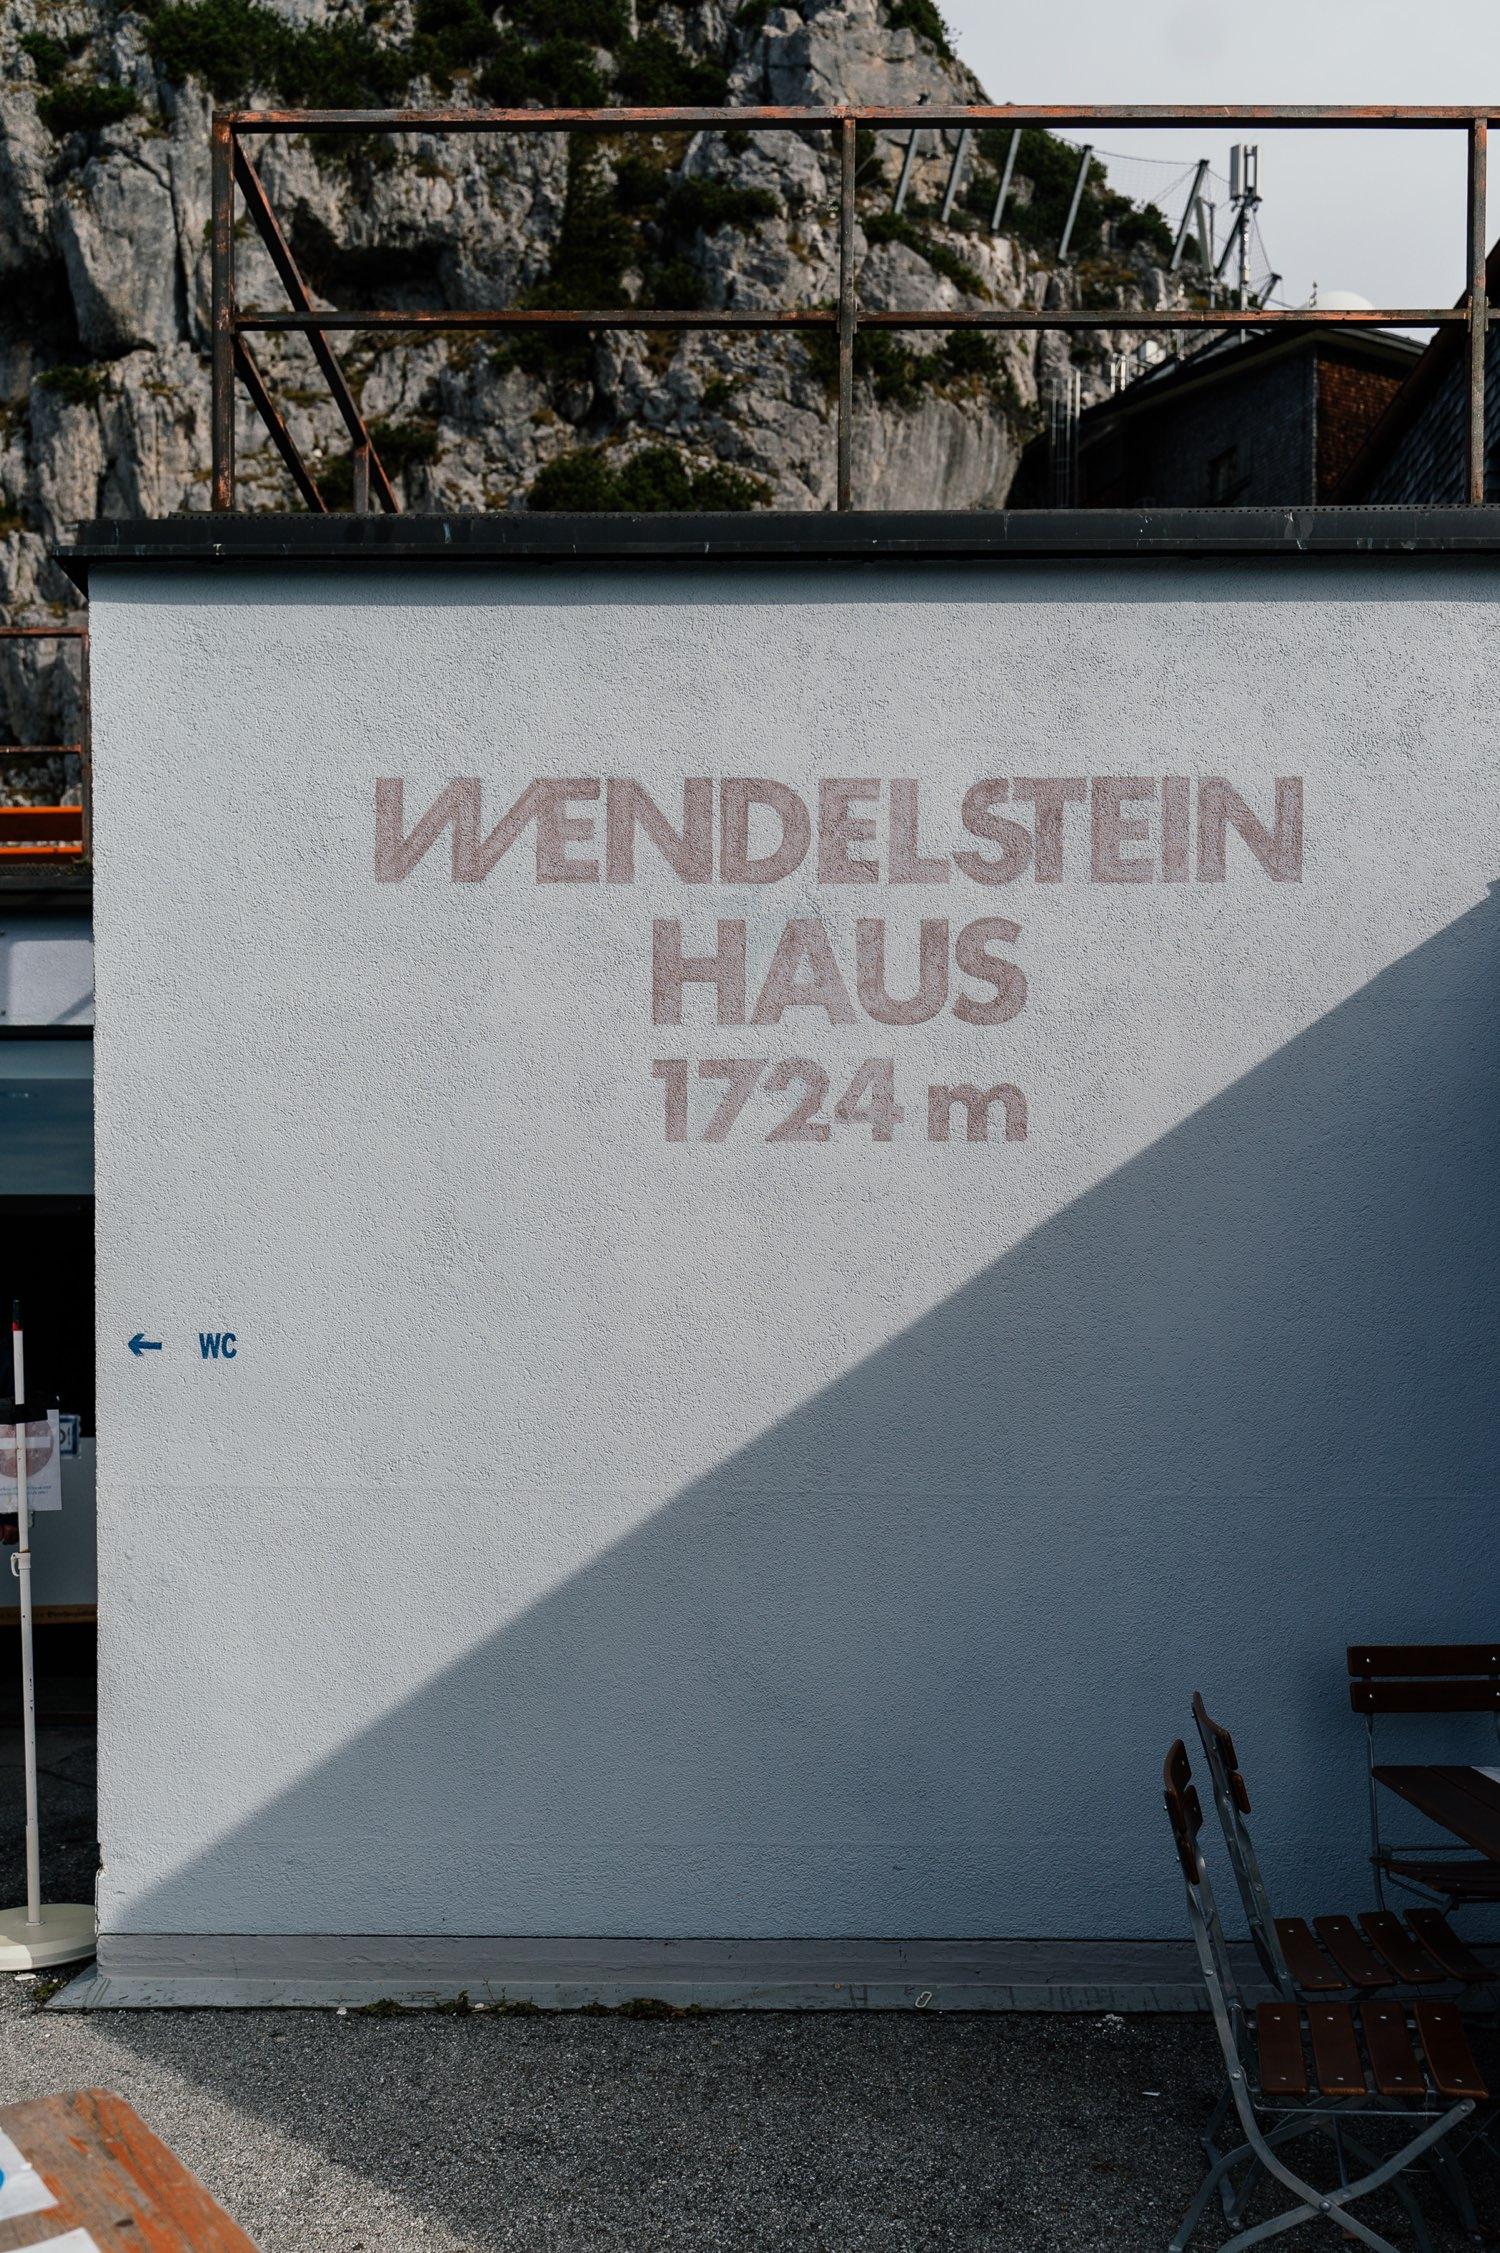 Wendelstein Haus